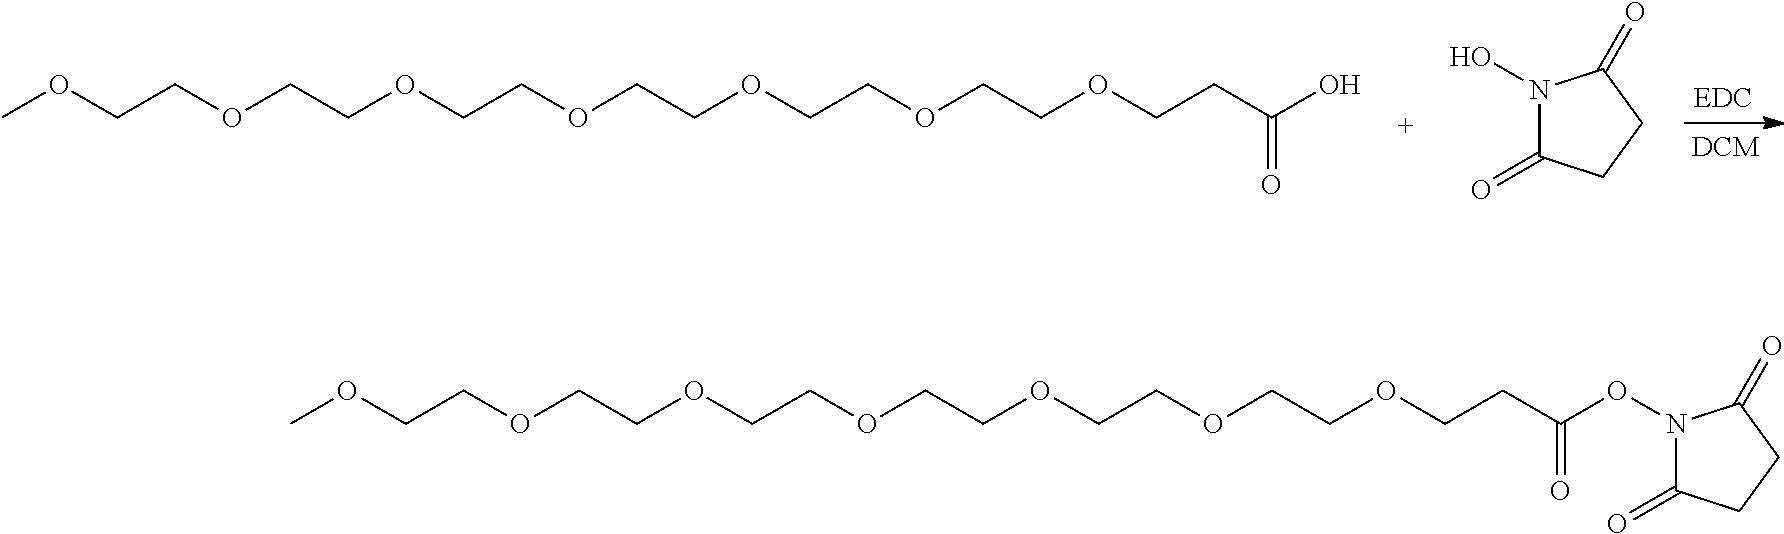 Figure US09102758-20150811-C00018